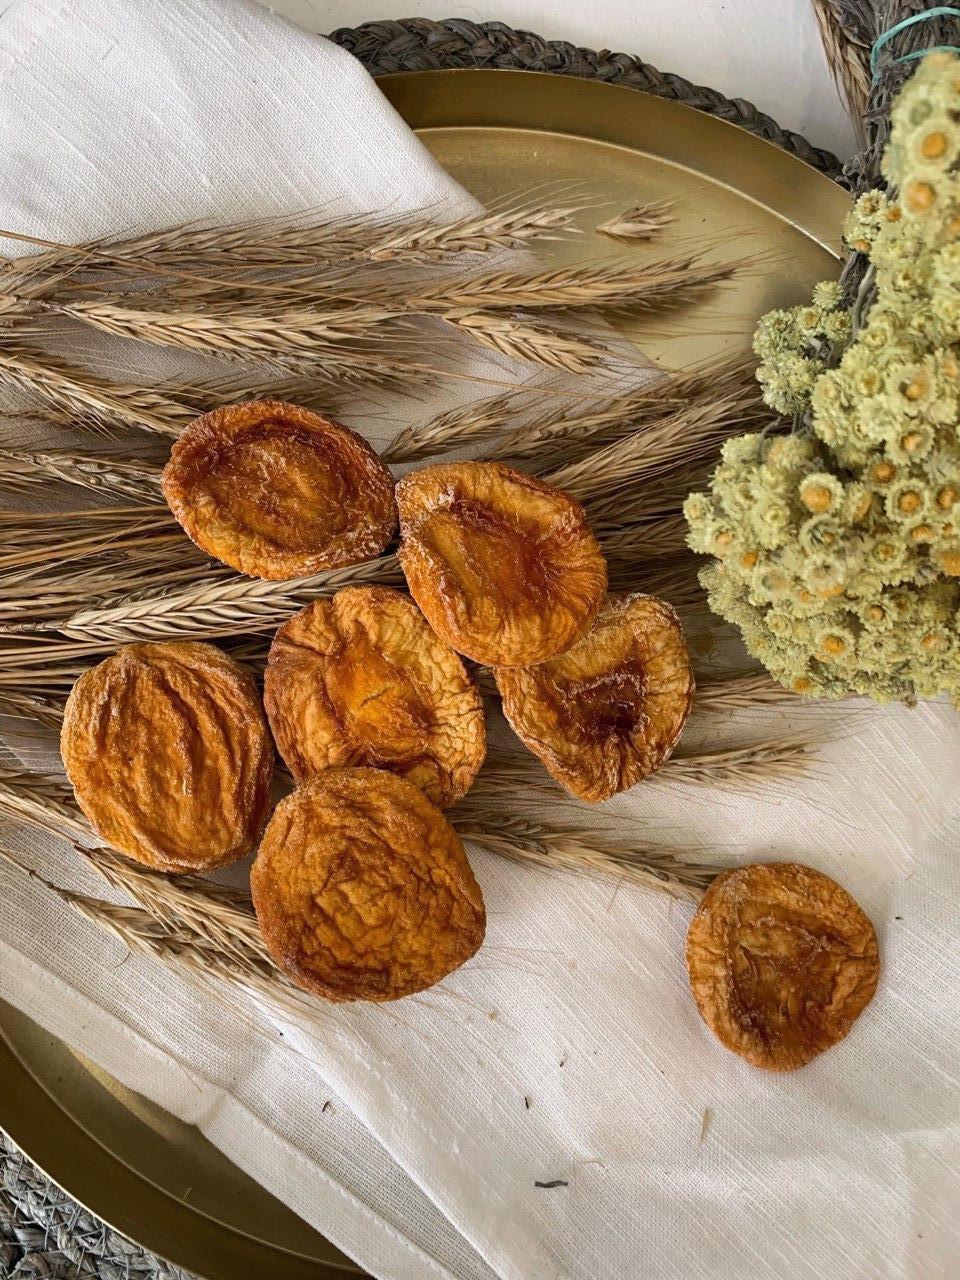 ПЕРСИК сушений з Вірменії без цукру (Персик сушеный из Армении без сахара)